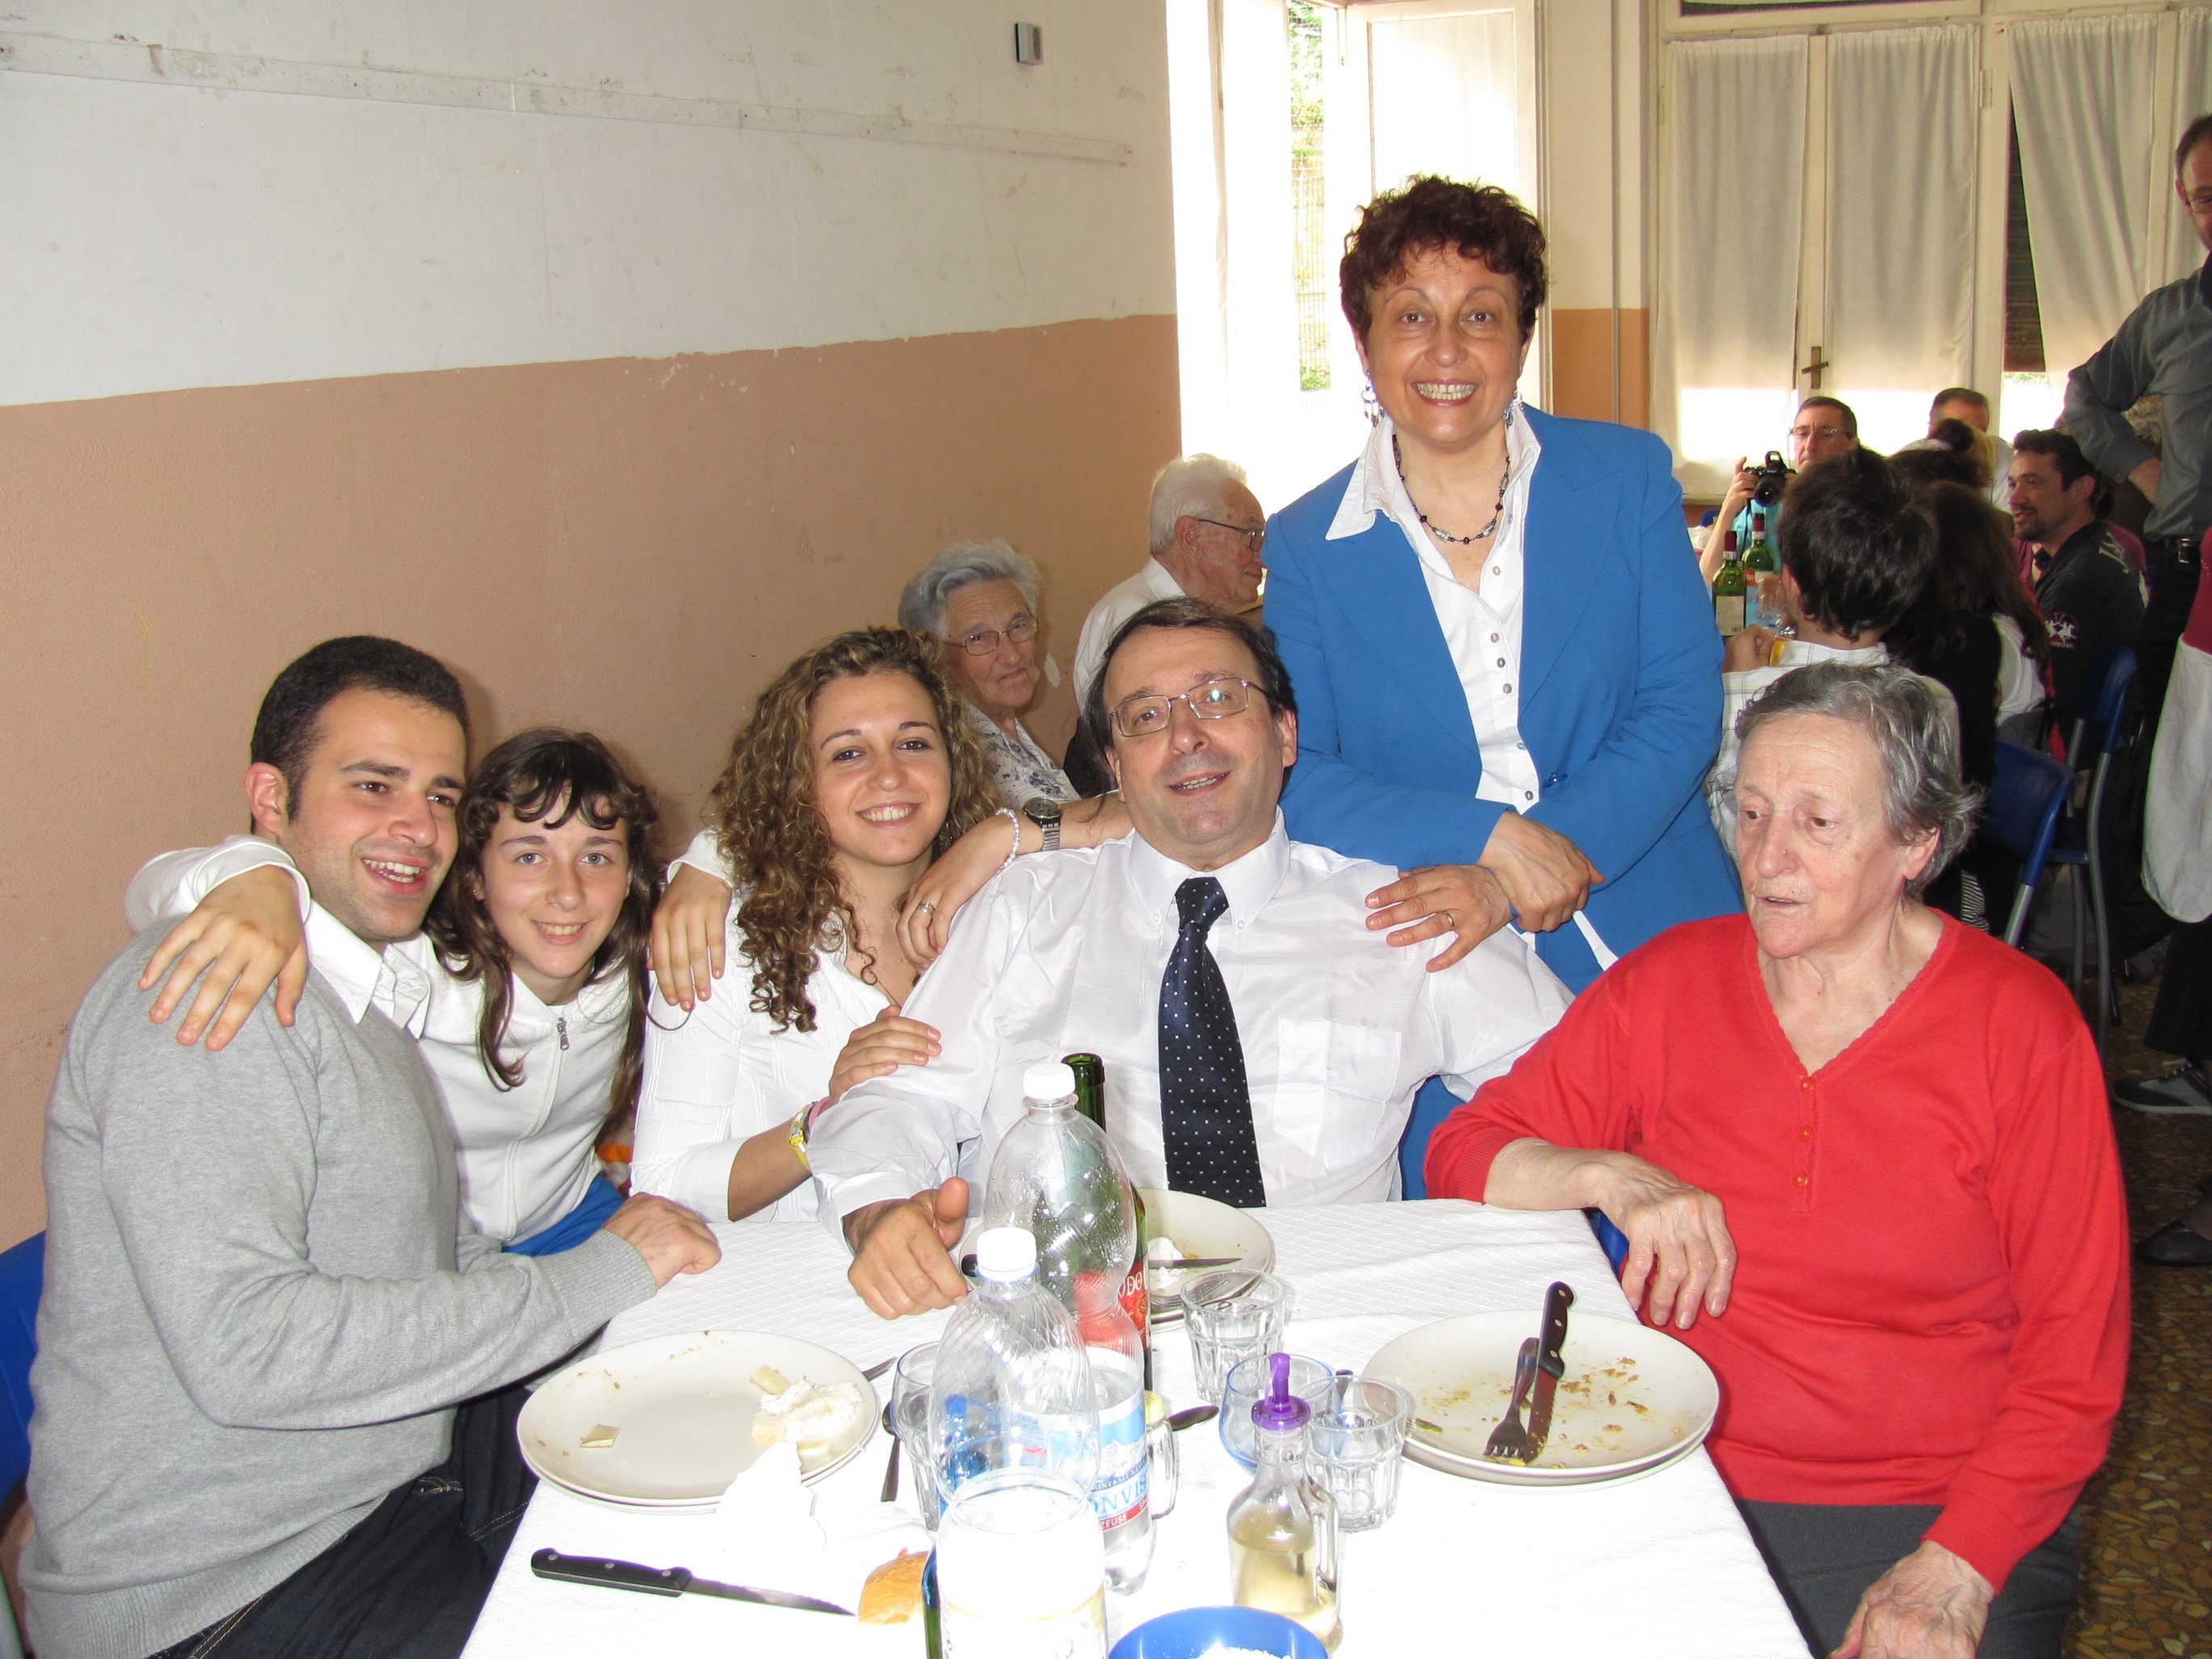 anniversari_di_matrimonio_e_di_ordinazione_2012-06-03-13-15-49